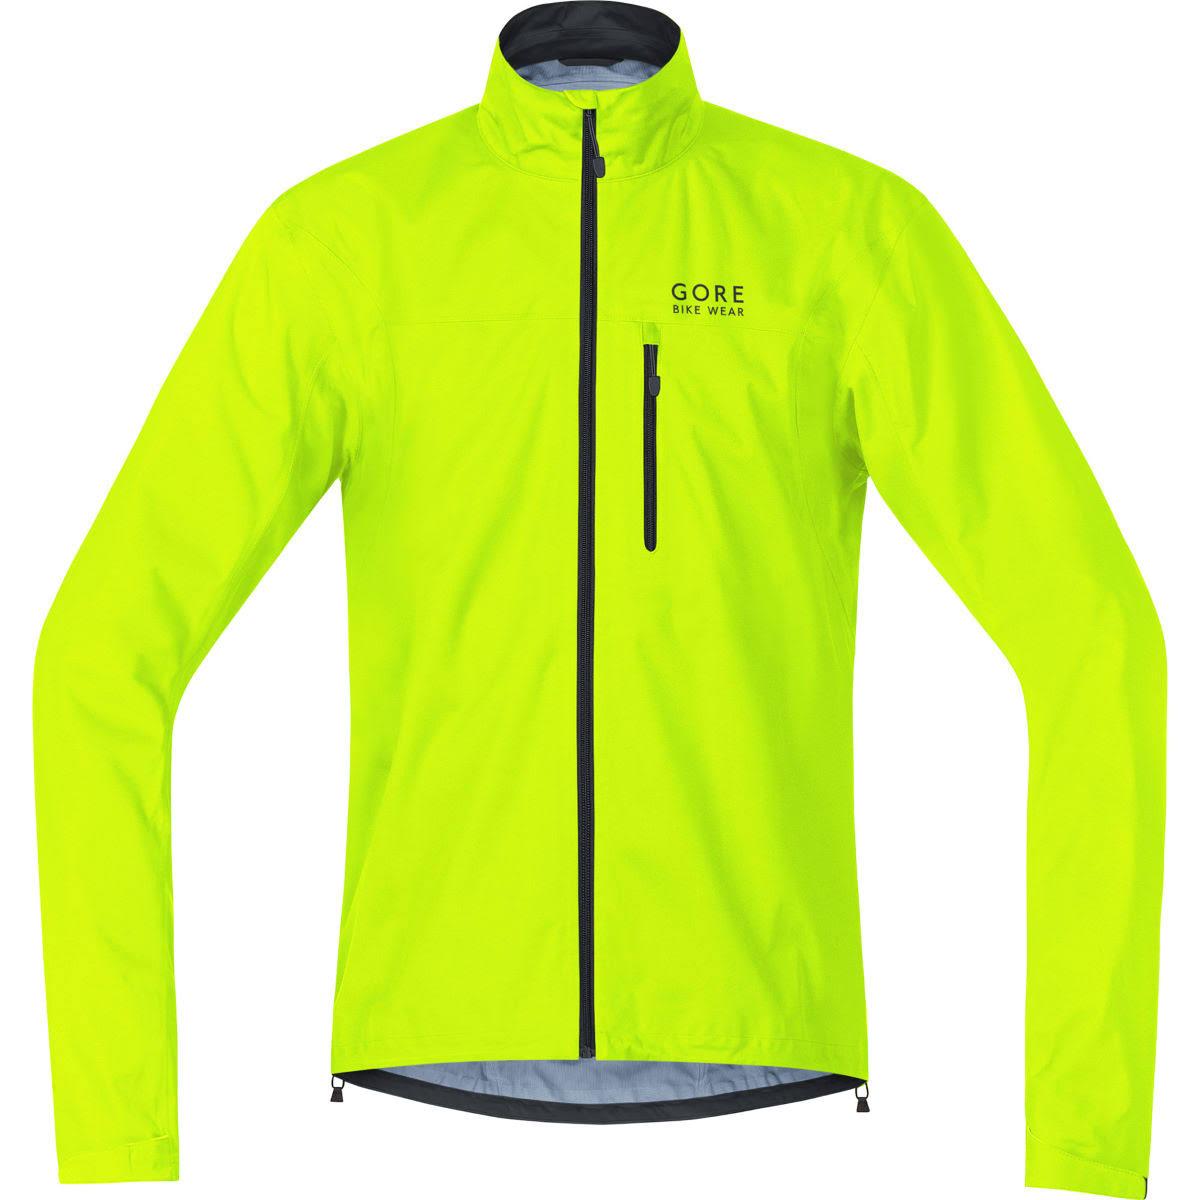 Chaqueta Active Gore Aw17 Bike Neon Gtx Amarillo E S Wear qOXFwHU